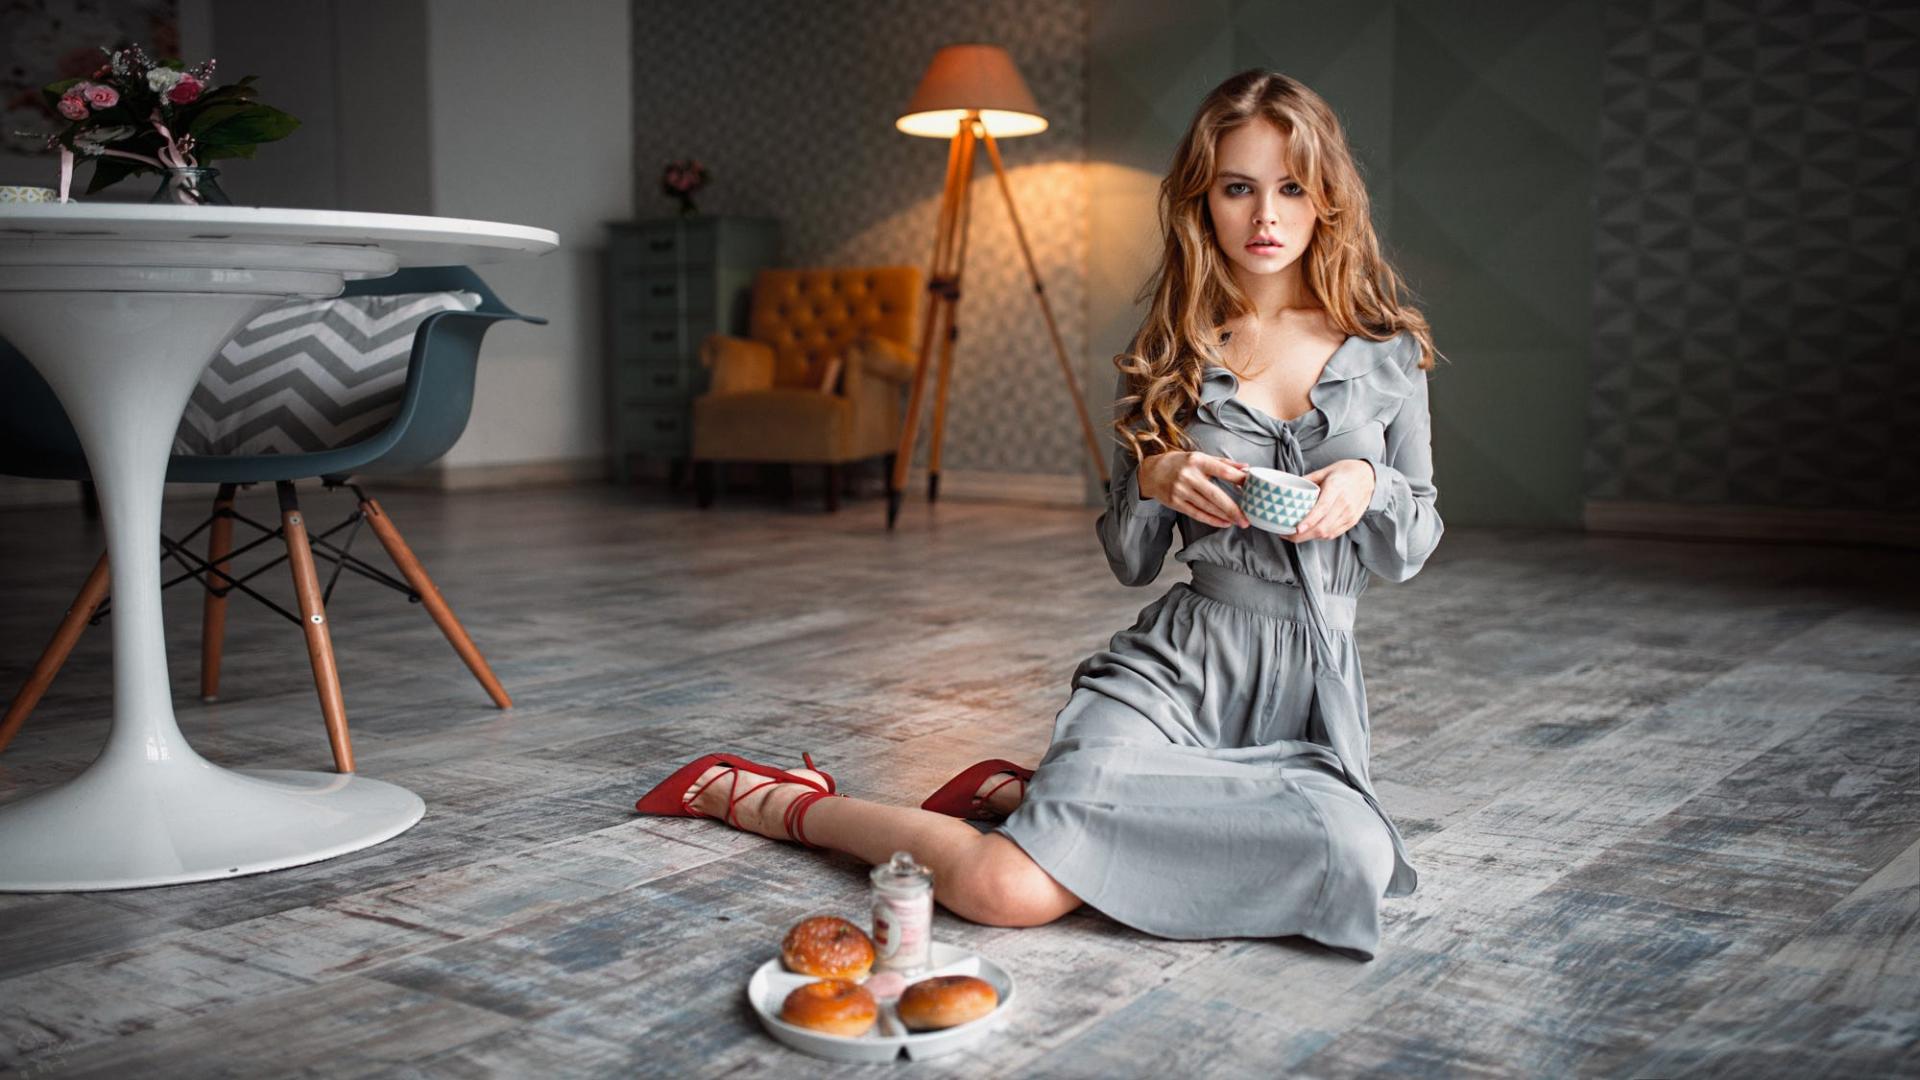 Shcheglova anastasia Anastasia Shcheglova